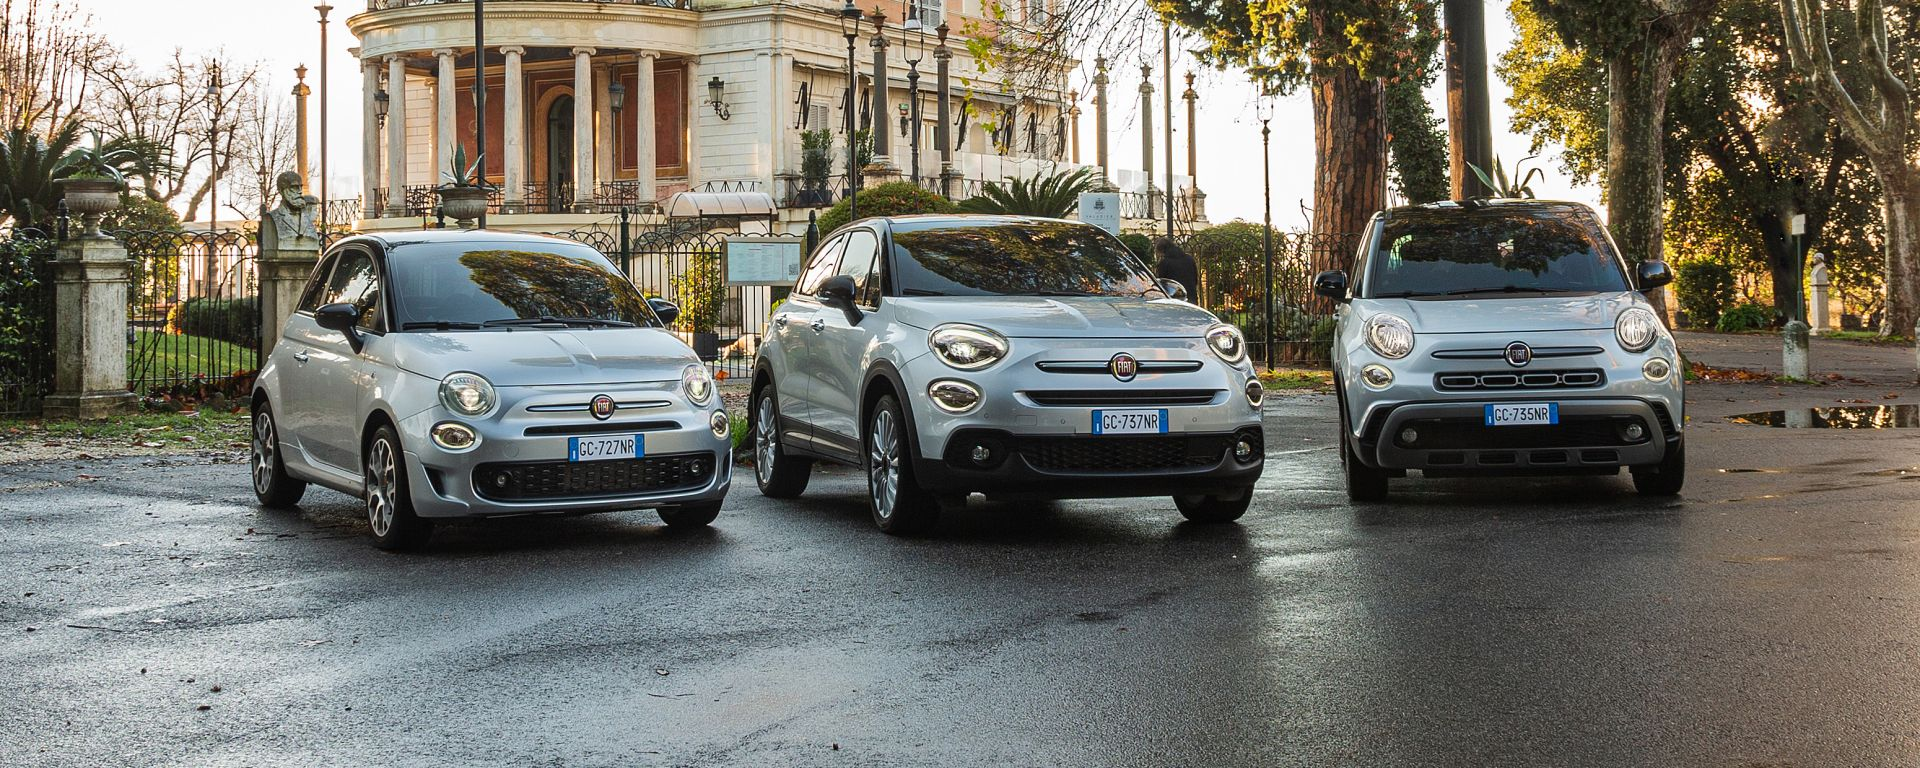 Nuova gamma Fiat 500 2021: la famiglia Connect